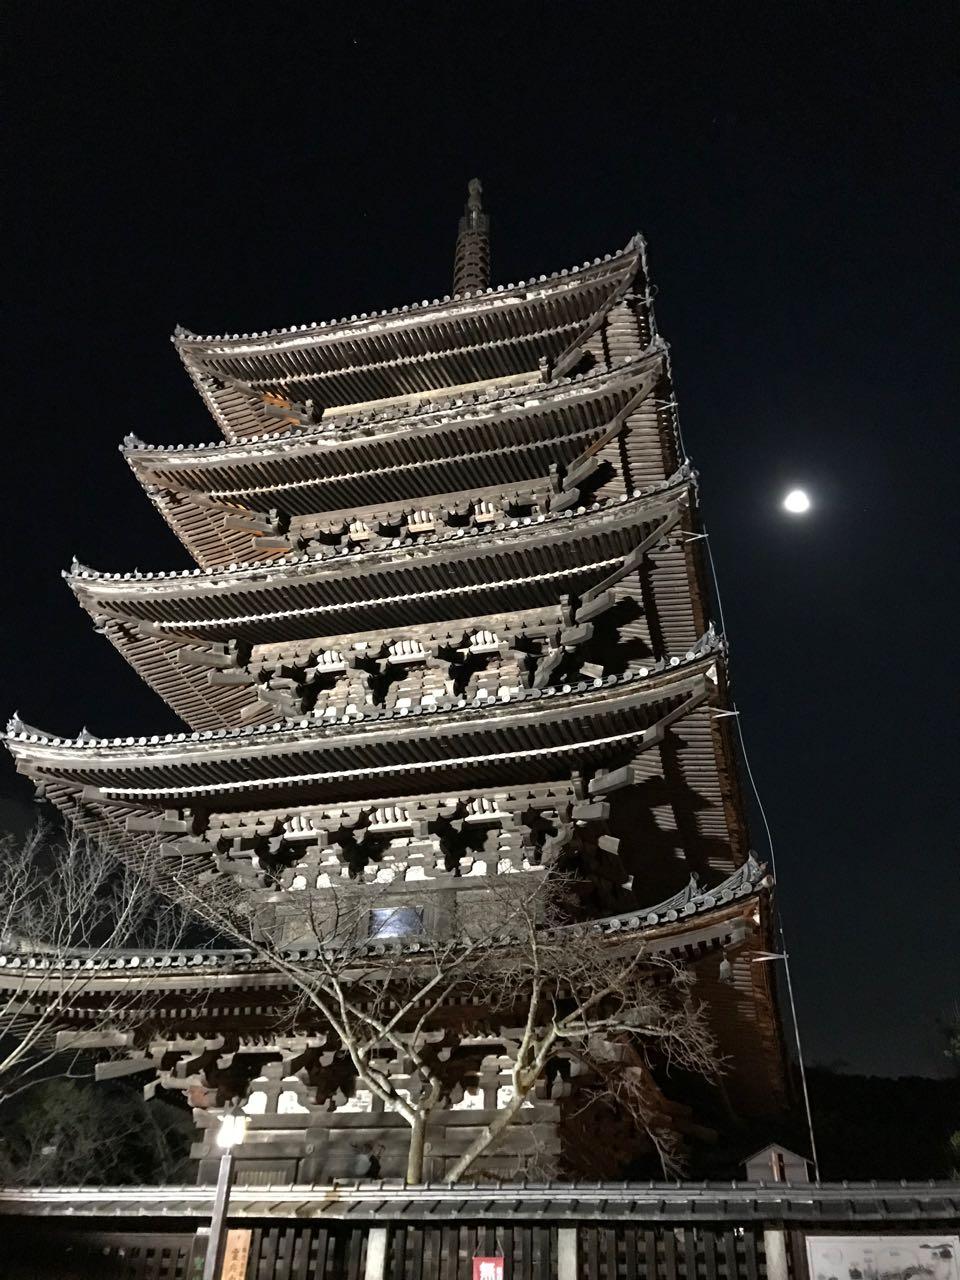 temple pagoda at night.jpg